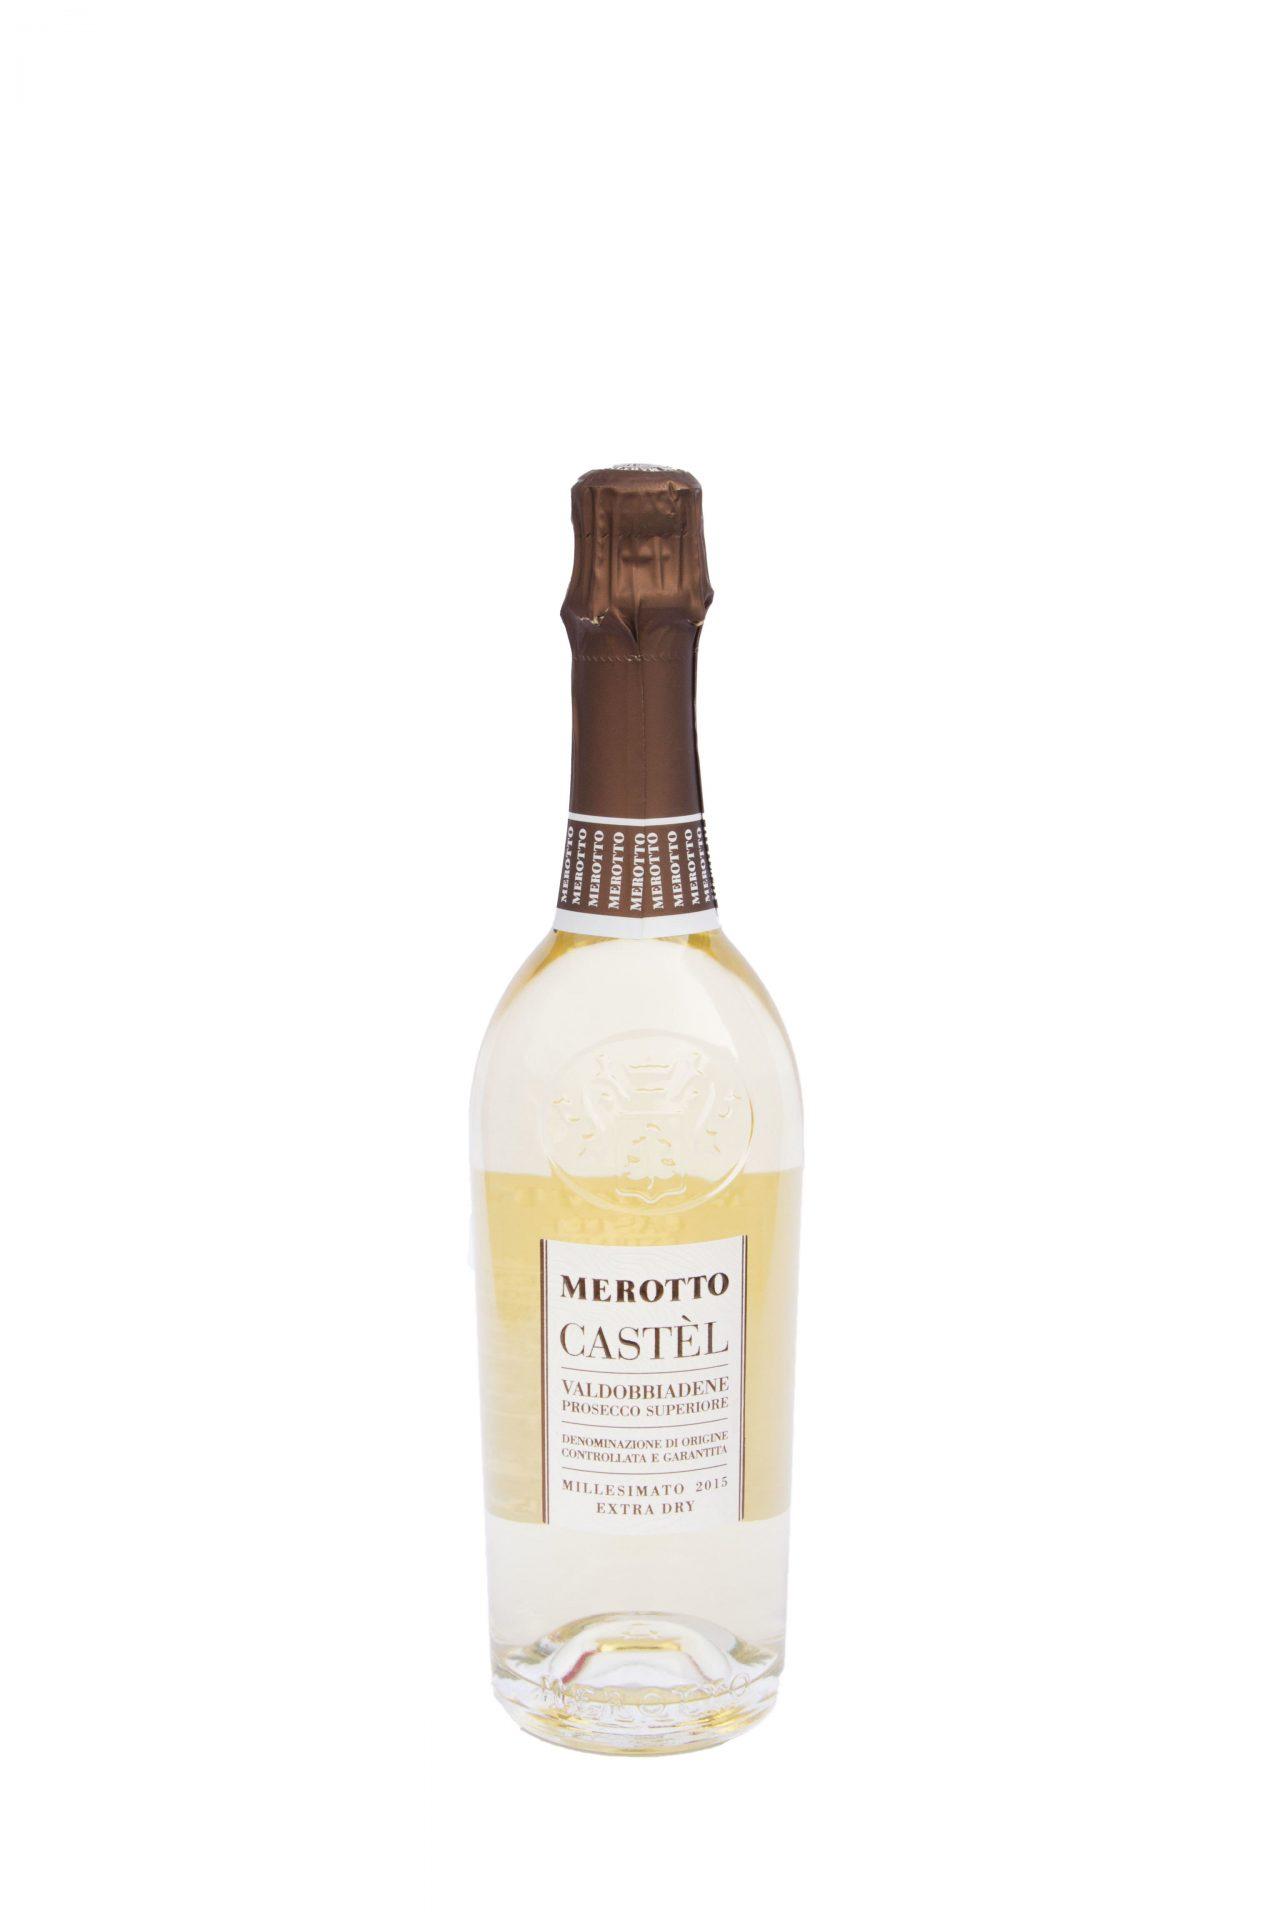 """Merotto – Valdobbiadene Prosecco Superiore Millesimato 2015 Extra Dry """"Castèl"""""""